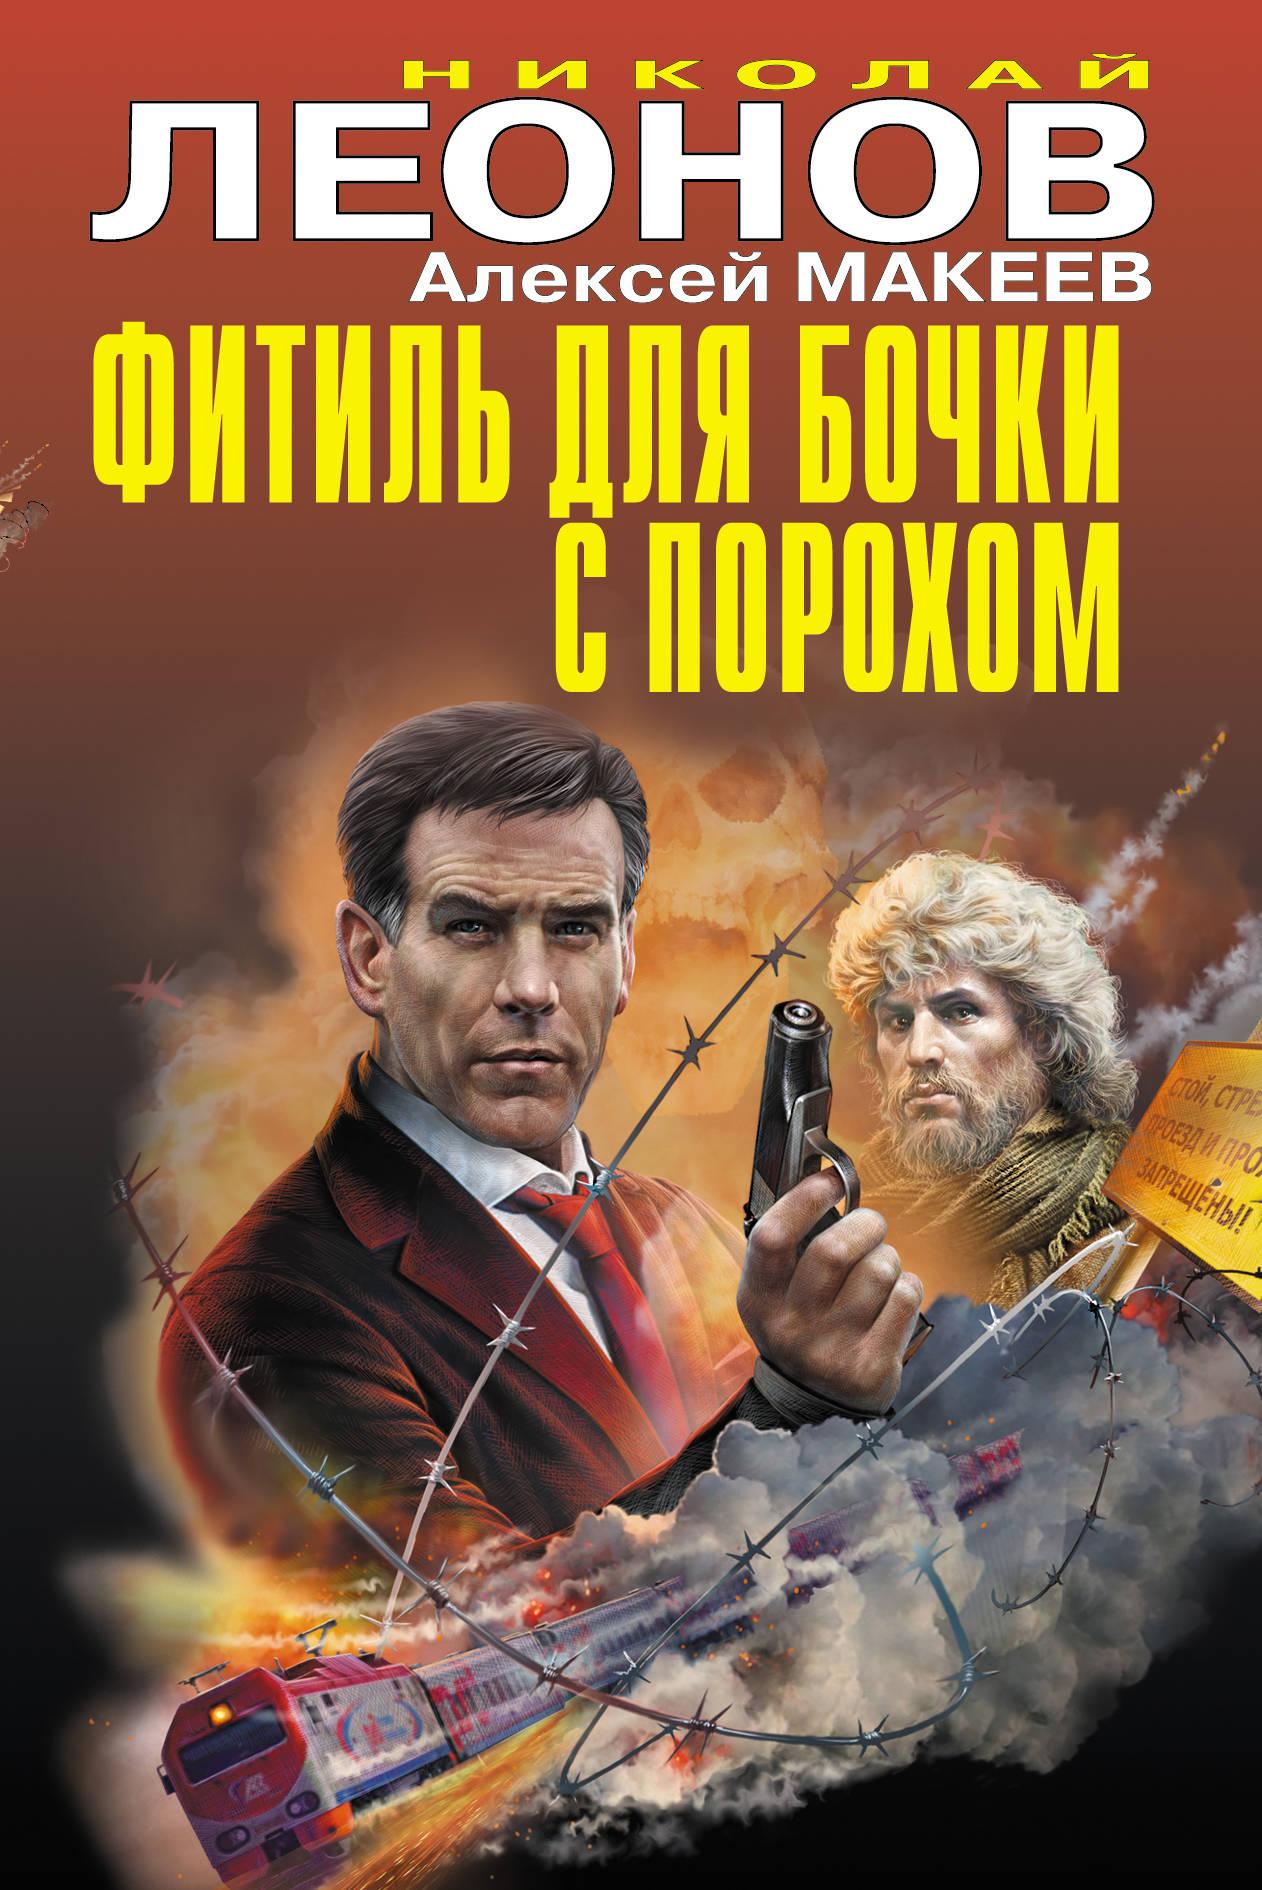 Леонов Николай Иванович; Макеев Алексей Викторович Фитиль для бочки с порохом